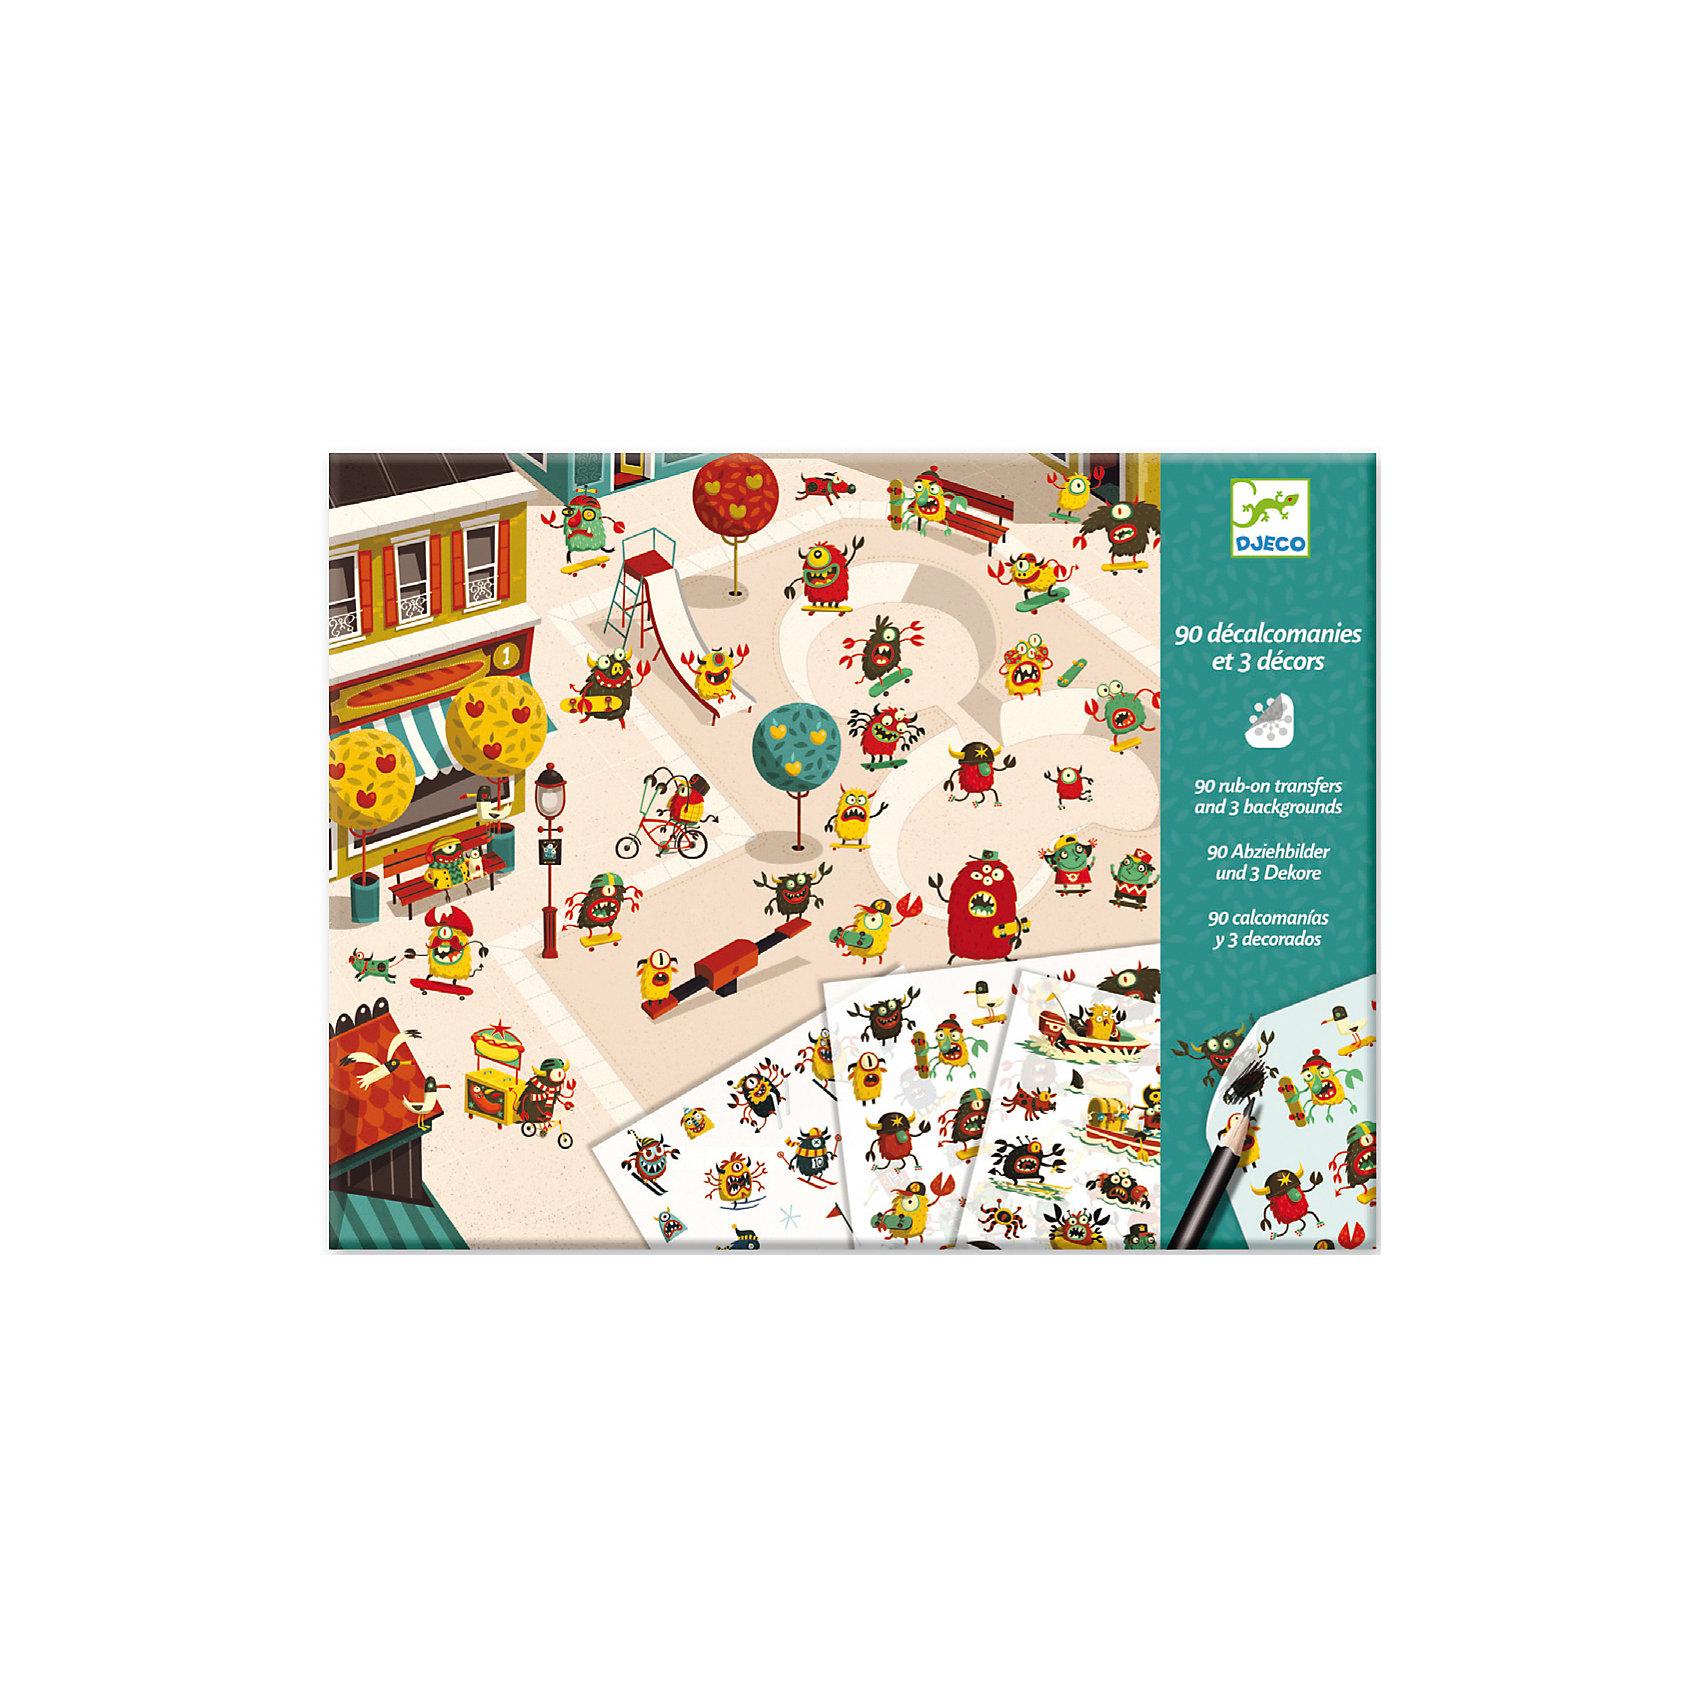 Набор с переводными наклейками Рай монстровНеобычные наборы для детского творчества с наклейками от французского производителя Djeco (Джеко) - прекрасный подарок для каждого творческого ребенка! <br>В наборе Рай монстров ребенок найдет 3 ярких картинки, а также множество переводных наклеек с забавнымимонстриками. Наклейки легко переносятся с бумажной основы, достаточно лишь приложить картинку на картинку и потереть обратным концом карандаша, шариковой ручки или монеткой. Таким образом, дети могут создавать собственные истории и придумывать различные сюжеты в ходе игры. В наборе:  3 картинки размером 21 х 29,7 см, 2 листа с 90 переводными картинками размером 20 х 13 см, - подробная инструкция с примерами.<br><br>Набор с переводными наклейками Рай монстров можно купить в нашем магазине.<br><br>Ширина мм: 10<br>Глубина мм: 320<br>Высота мм: 240<br>Вес г: 160<br>Возраст от месяцев: 48<br>Возраст до месяцев: 96<br>Пол: Унисекс<br>Возраст: Детский<br>SKU: 4783877